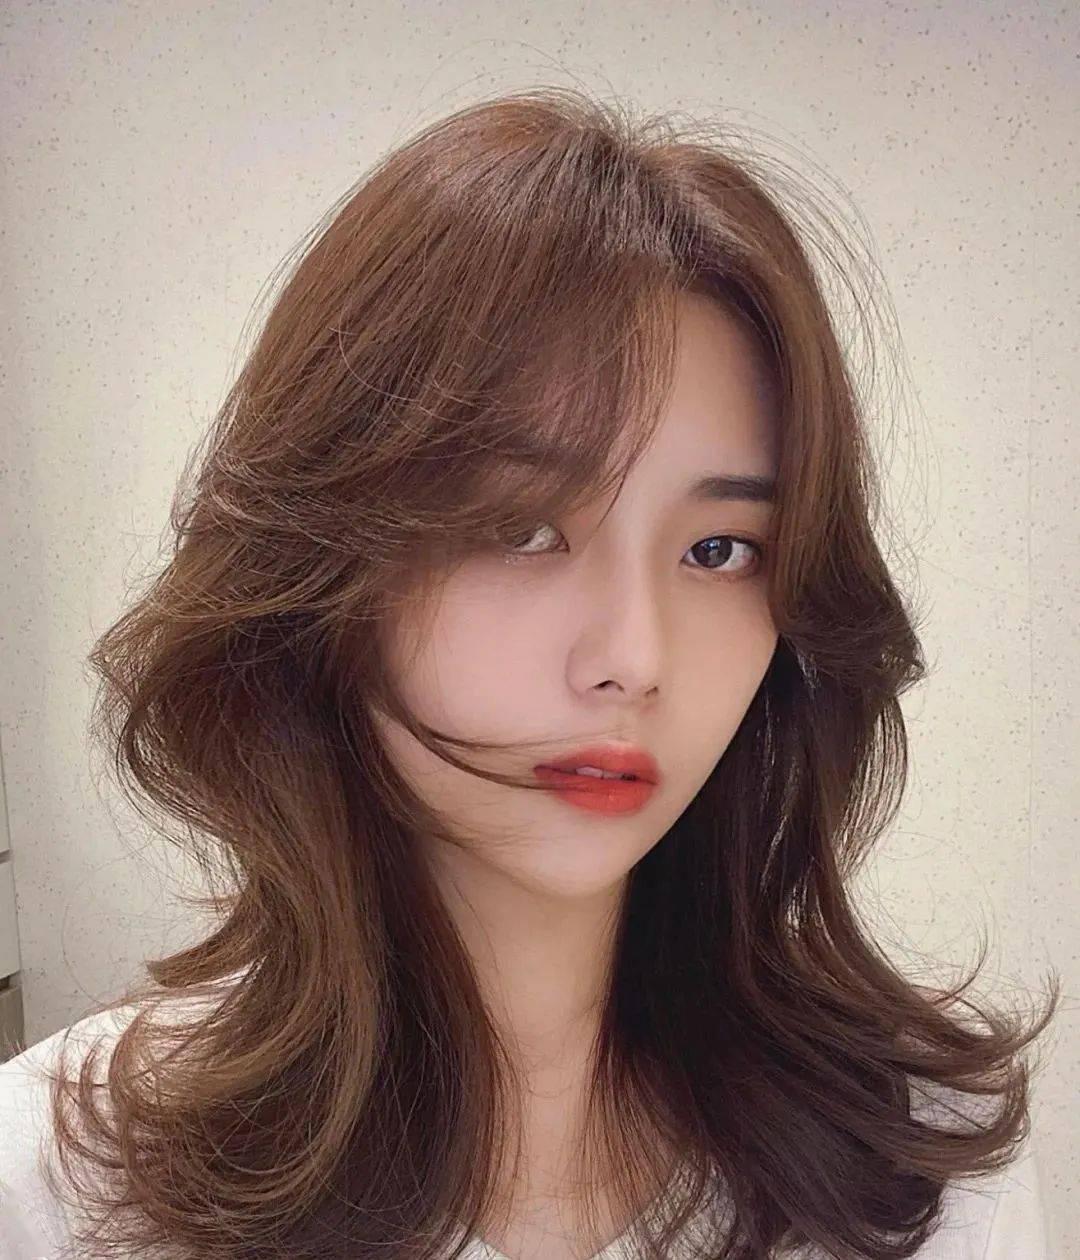 """Tóc xoăn """"đuôi ca"""": Kiểu tóc hết phe tóc dài đến tóc ngắn đều mê - Ảnh 3."""